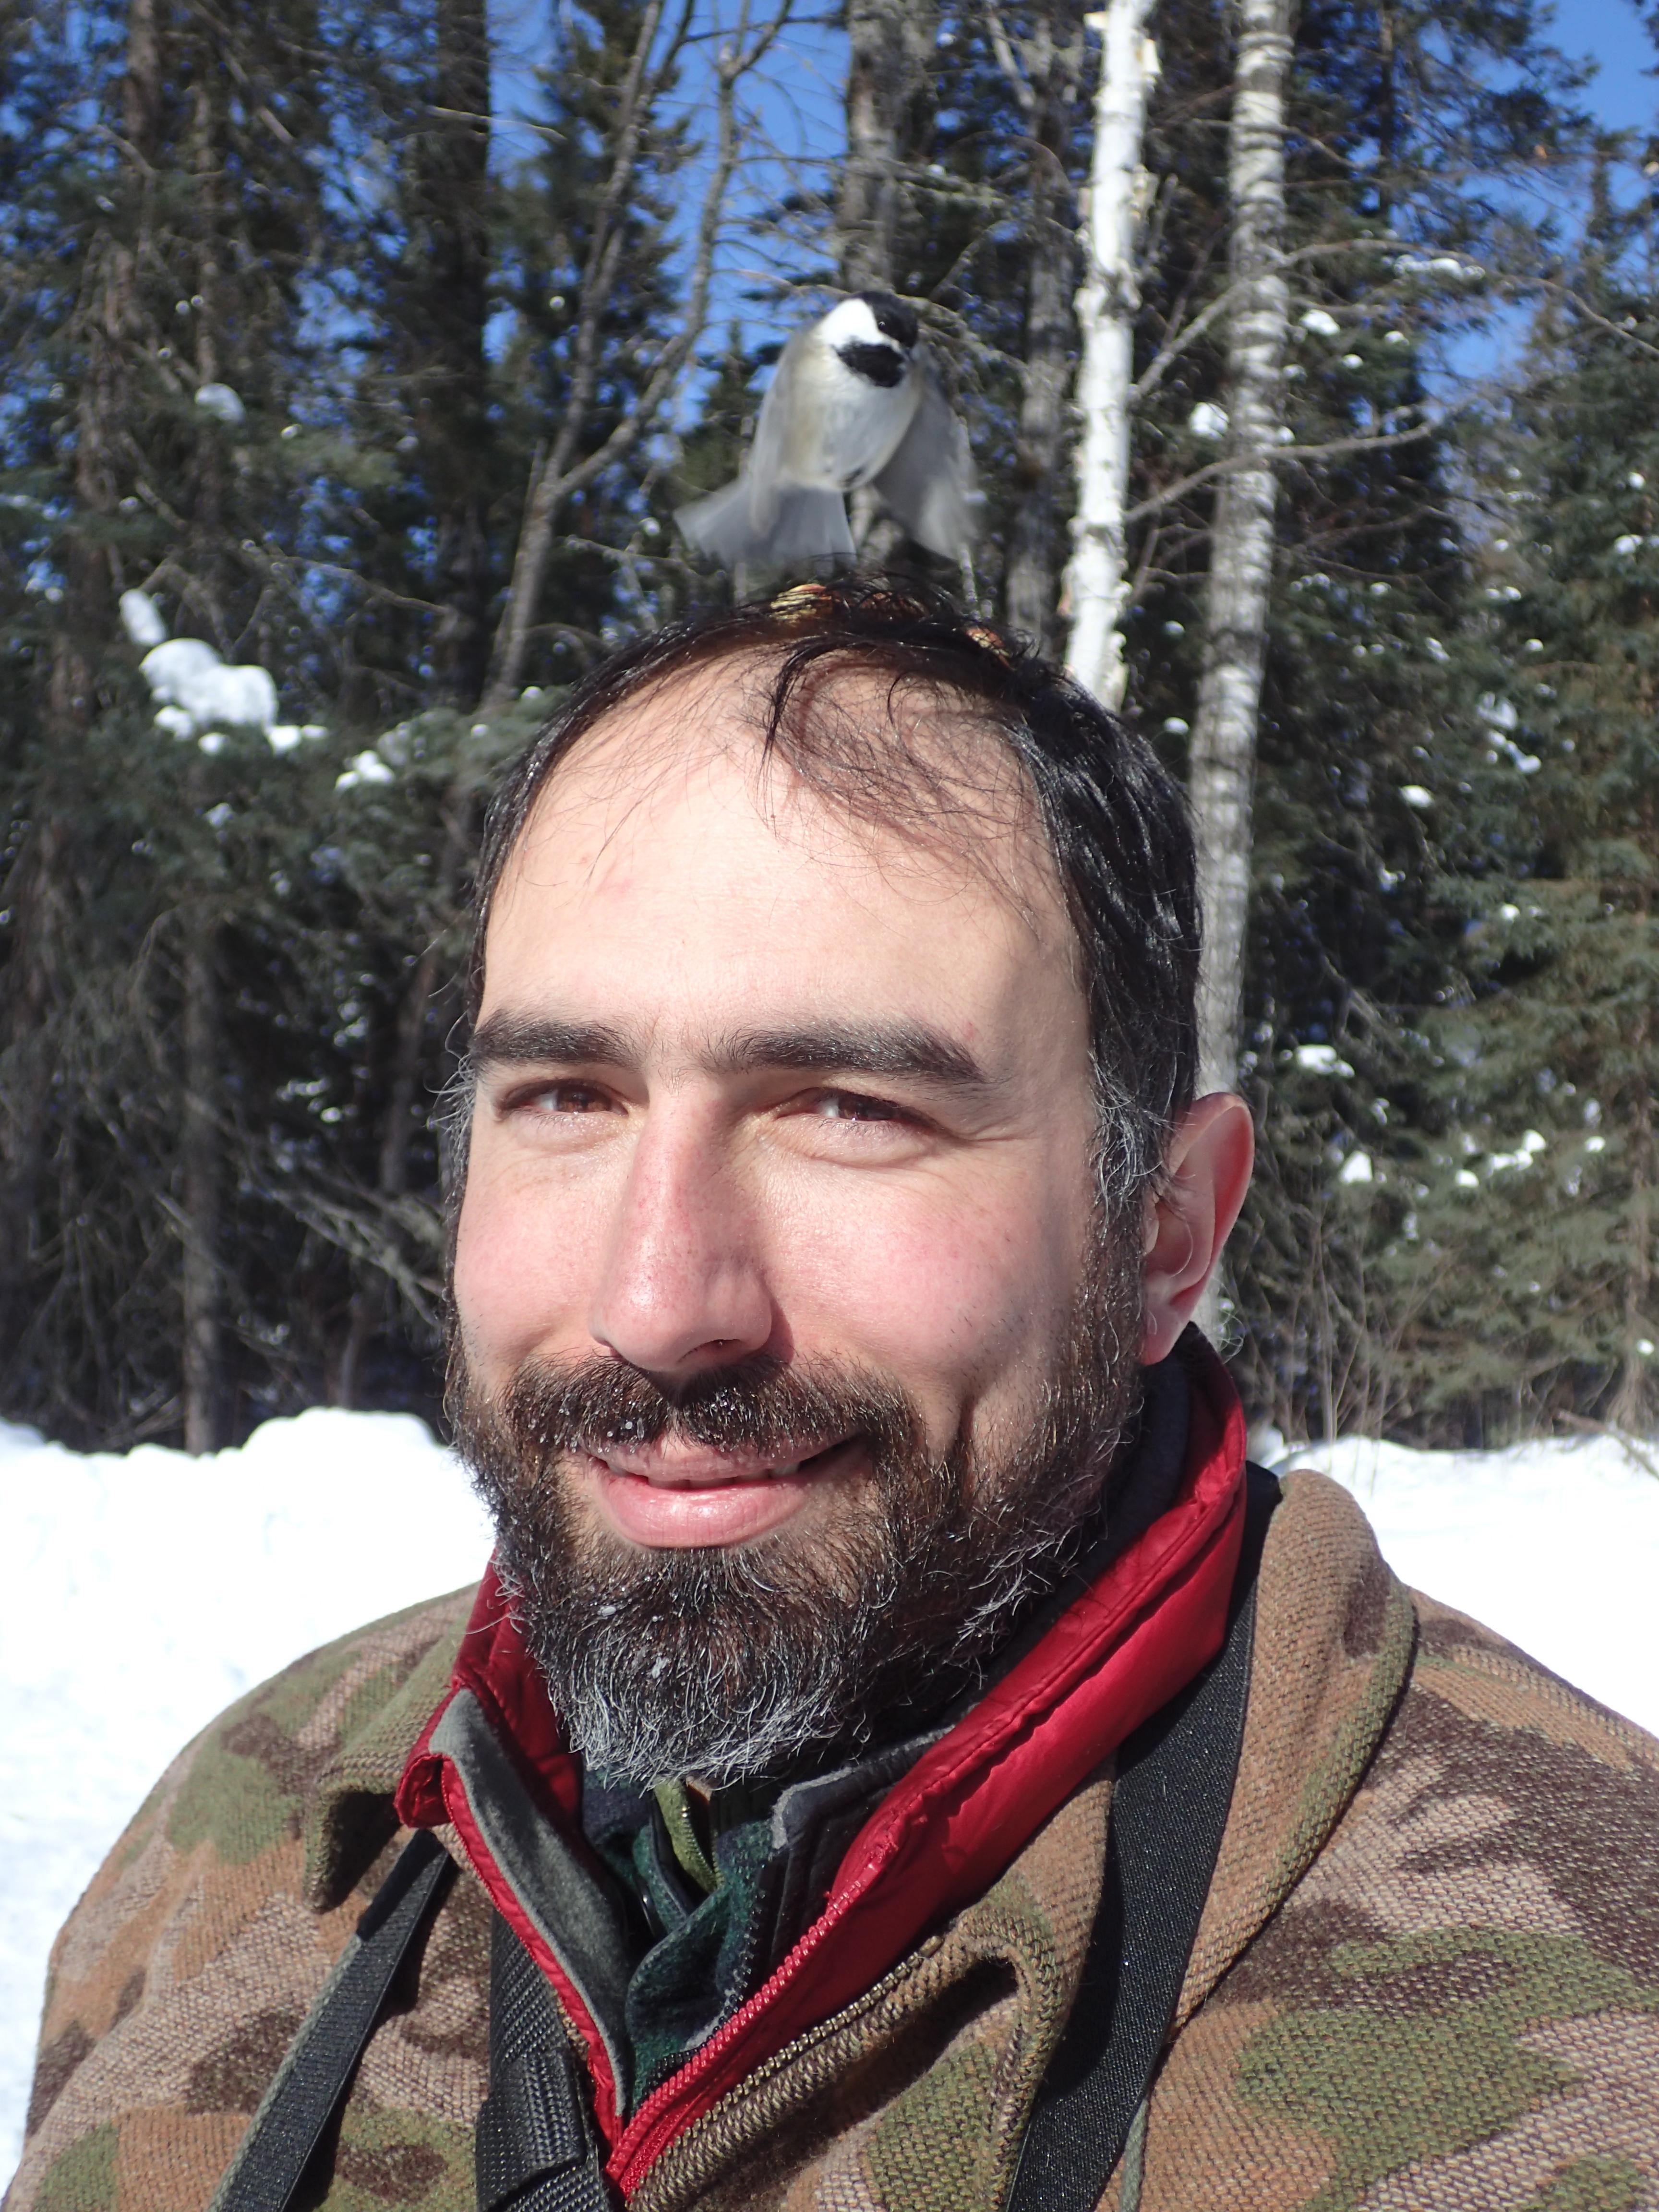 Chickadee on my head